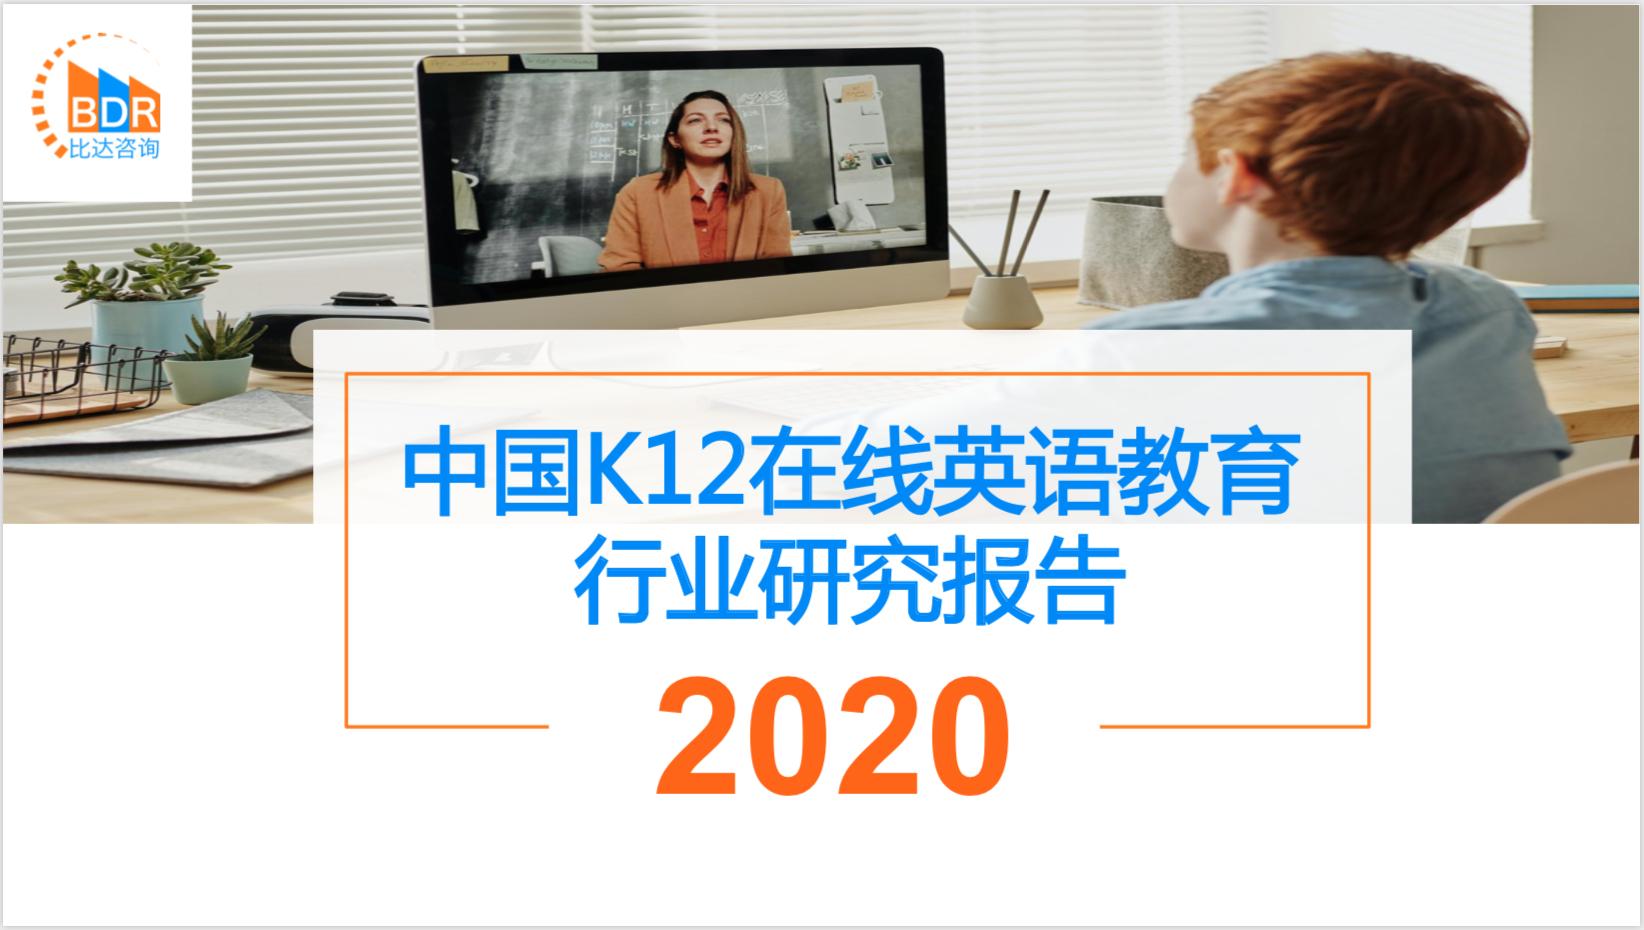 中国K12在线英语教育行业研究报告2020